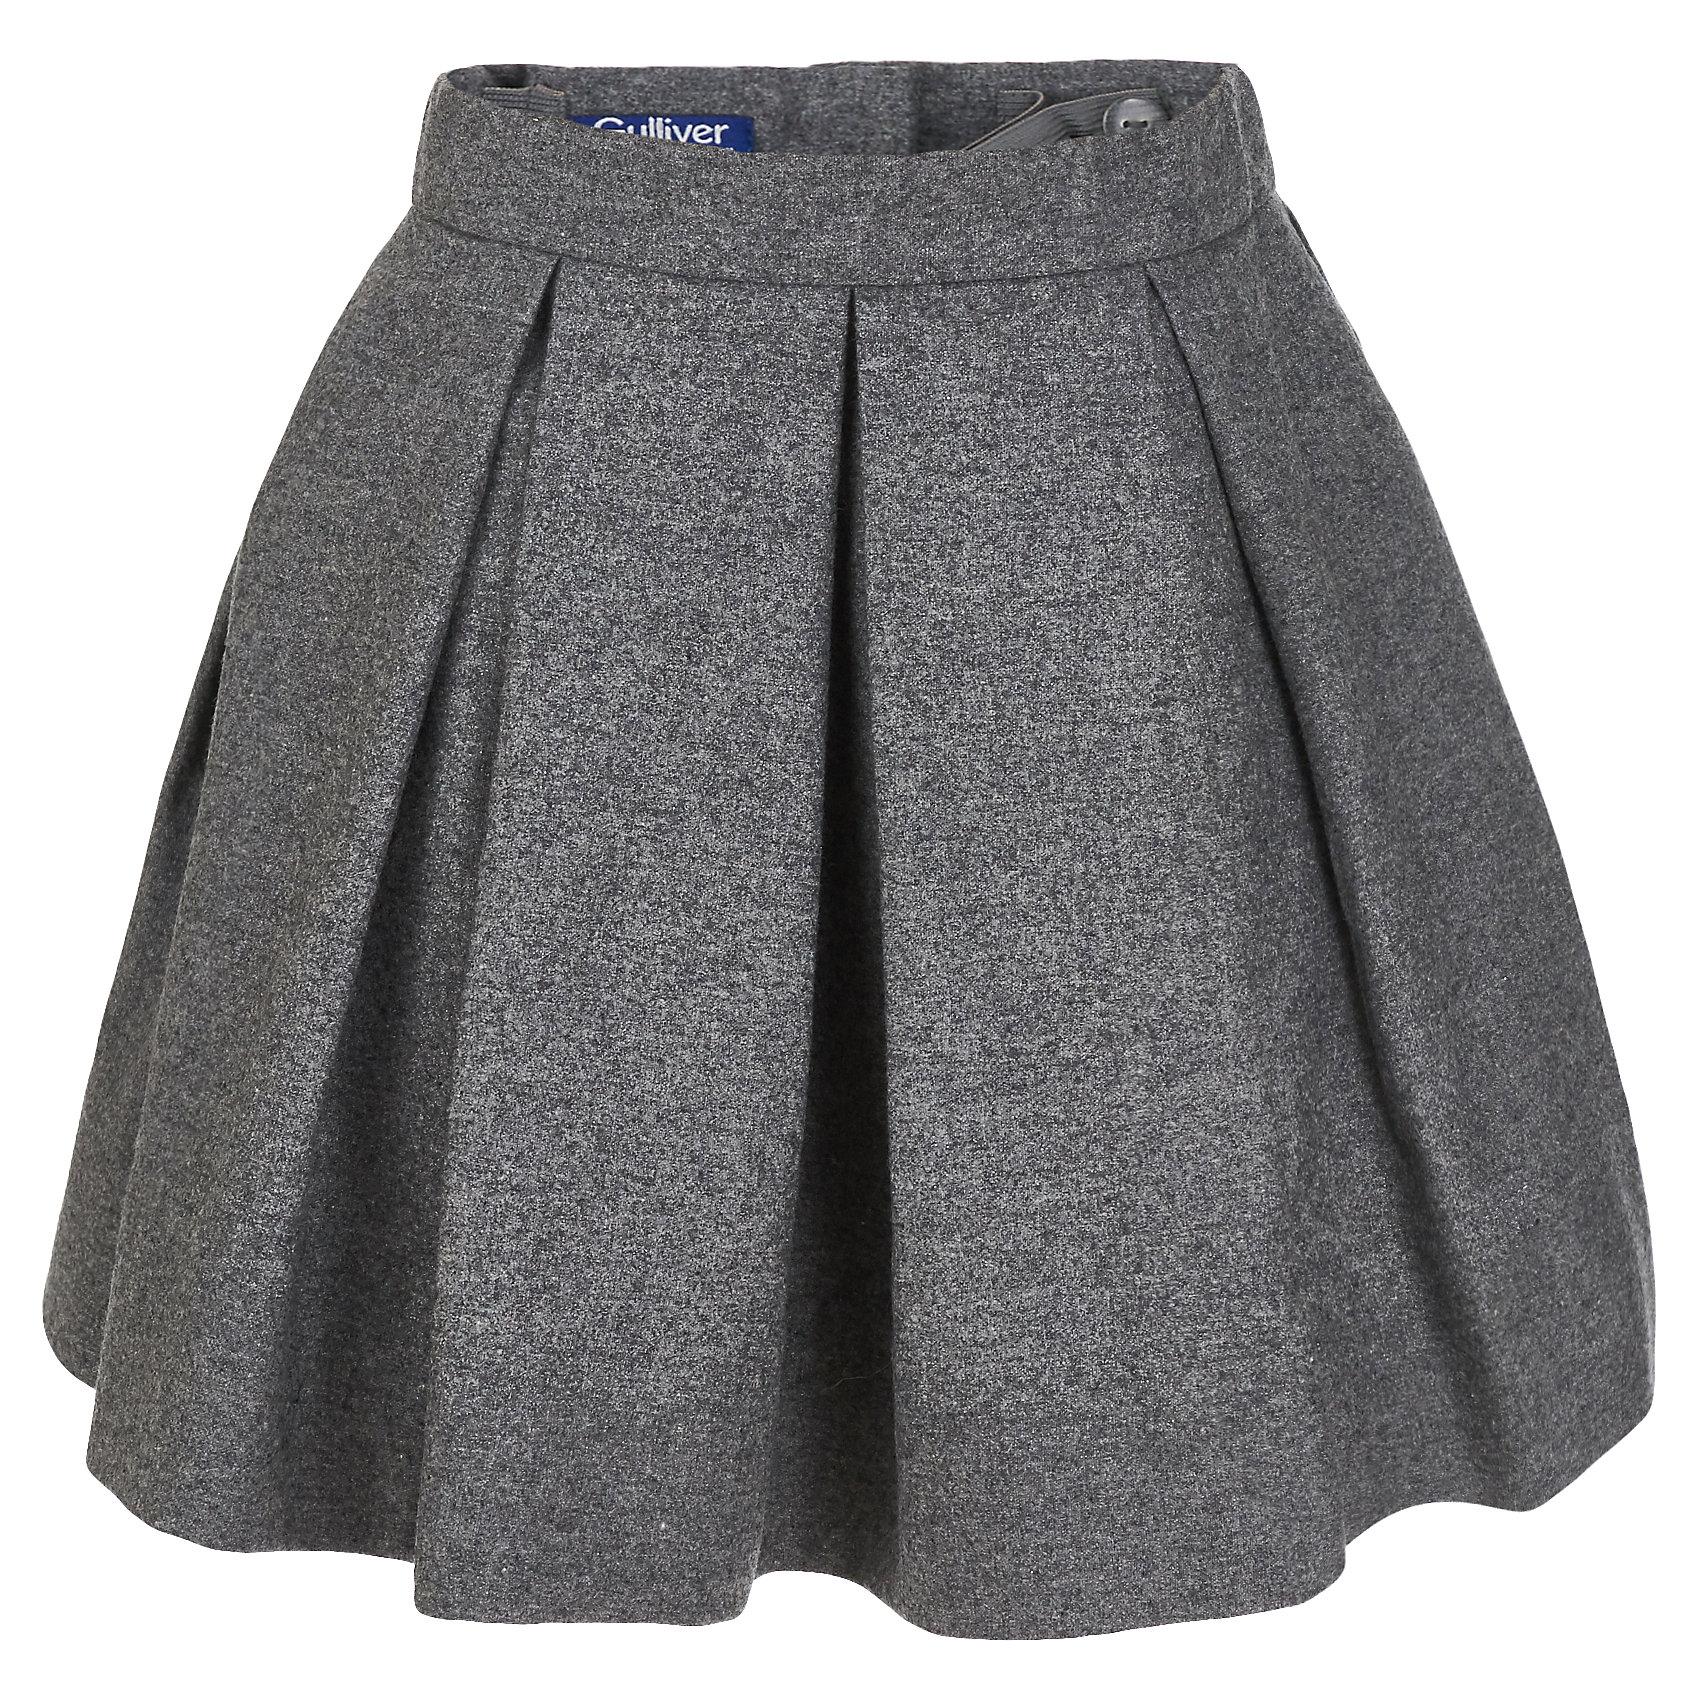 Юбка Gulliver для девочкиЮбки<br>Юбка Gulliver для девочки<br>Купить детскую юбку просто, сложнее приобрести интересную модель, которая станет главным акцентом стильного детского гардероба. Красивая юбка с крупными бантовыми складками из благородного меланжевого текстиля - прекрасный вариант и на каждый день, и на выход! Она выглядит необычно, создавая выразительный девичий образ без приторности. Стильные детские юбки зимнего сезона - это простые, но элегантные дизайнерские решения. Они делают образ девочки привлекательным и ярким.<br>Состав:<br>верх:  50 % шерсть  15% вискоза  35% полиэстер; подкладка:  100% хлопок<br><br>Ширина мм: 207<br>Глубина мм: 10<br>Высота мм: 189<br>Вес г: 183<br>Цвет: серый<br>Возраст от месяцев: 60<br>Возраст до месяцев: 72<br>Пол: Женский<br>Возраст: Детский<br>Размер: 116,98,104,110<br>SKU: 7078533